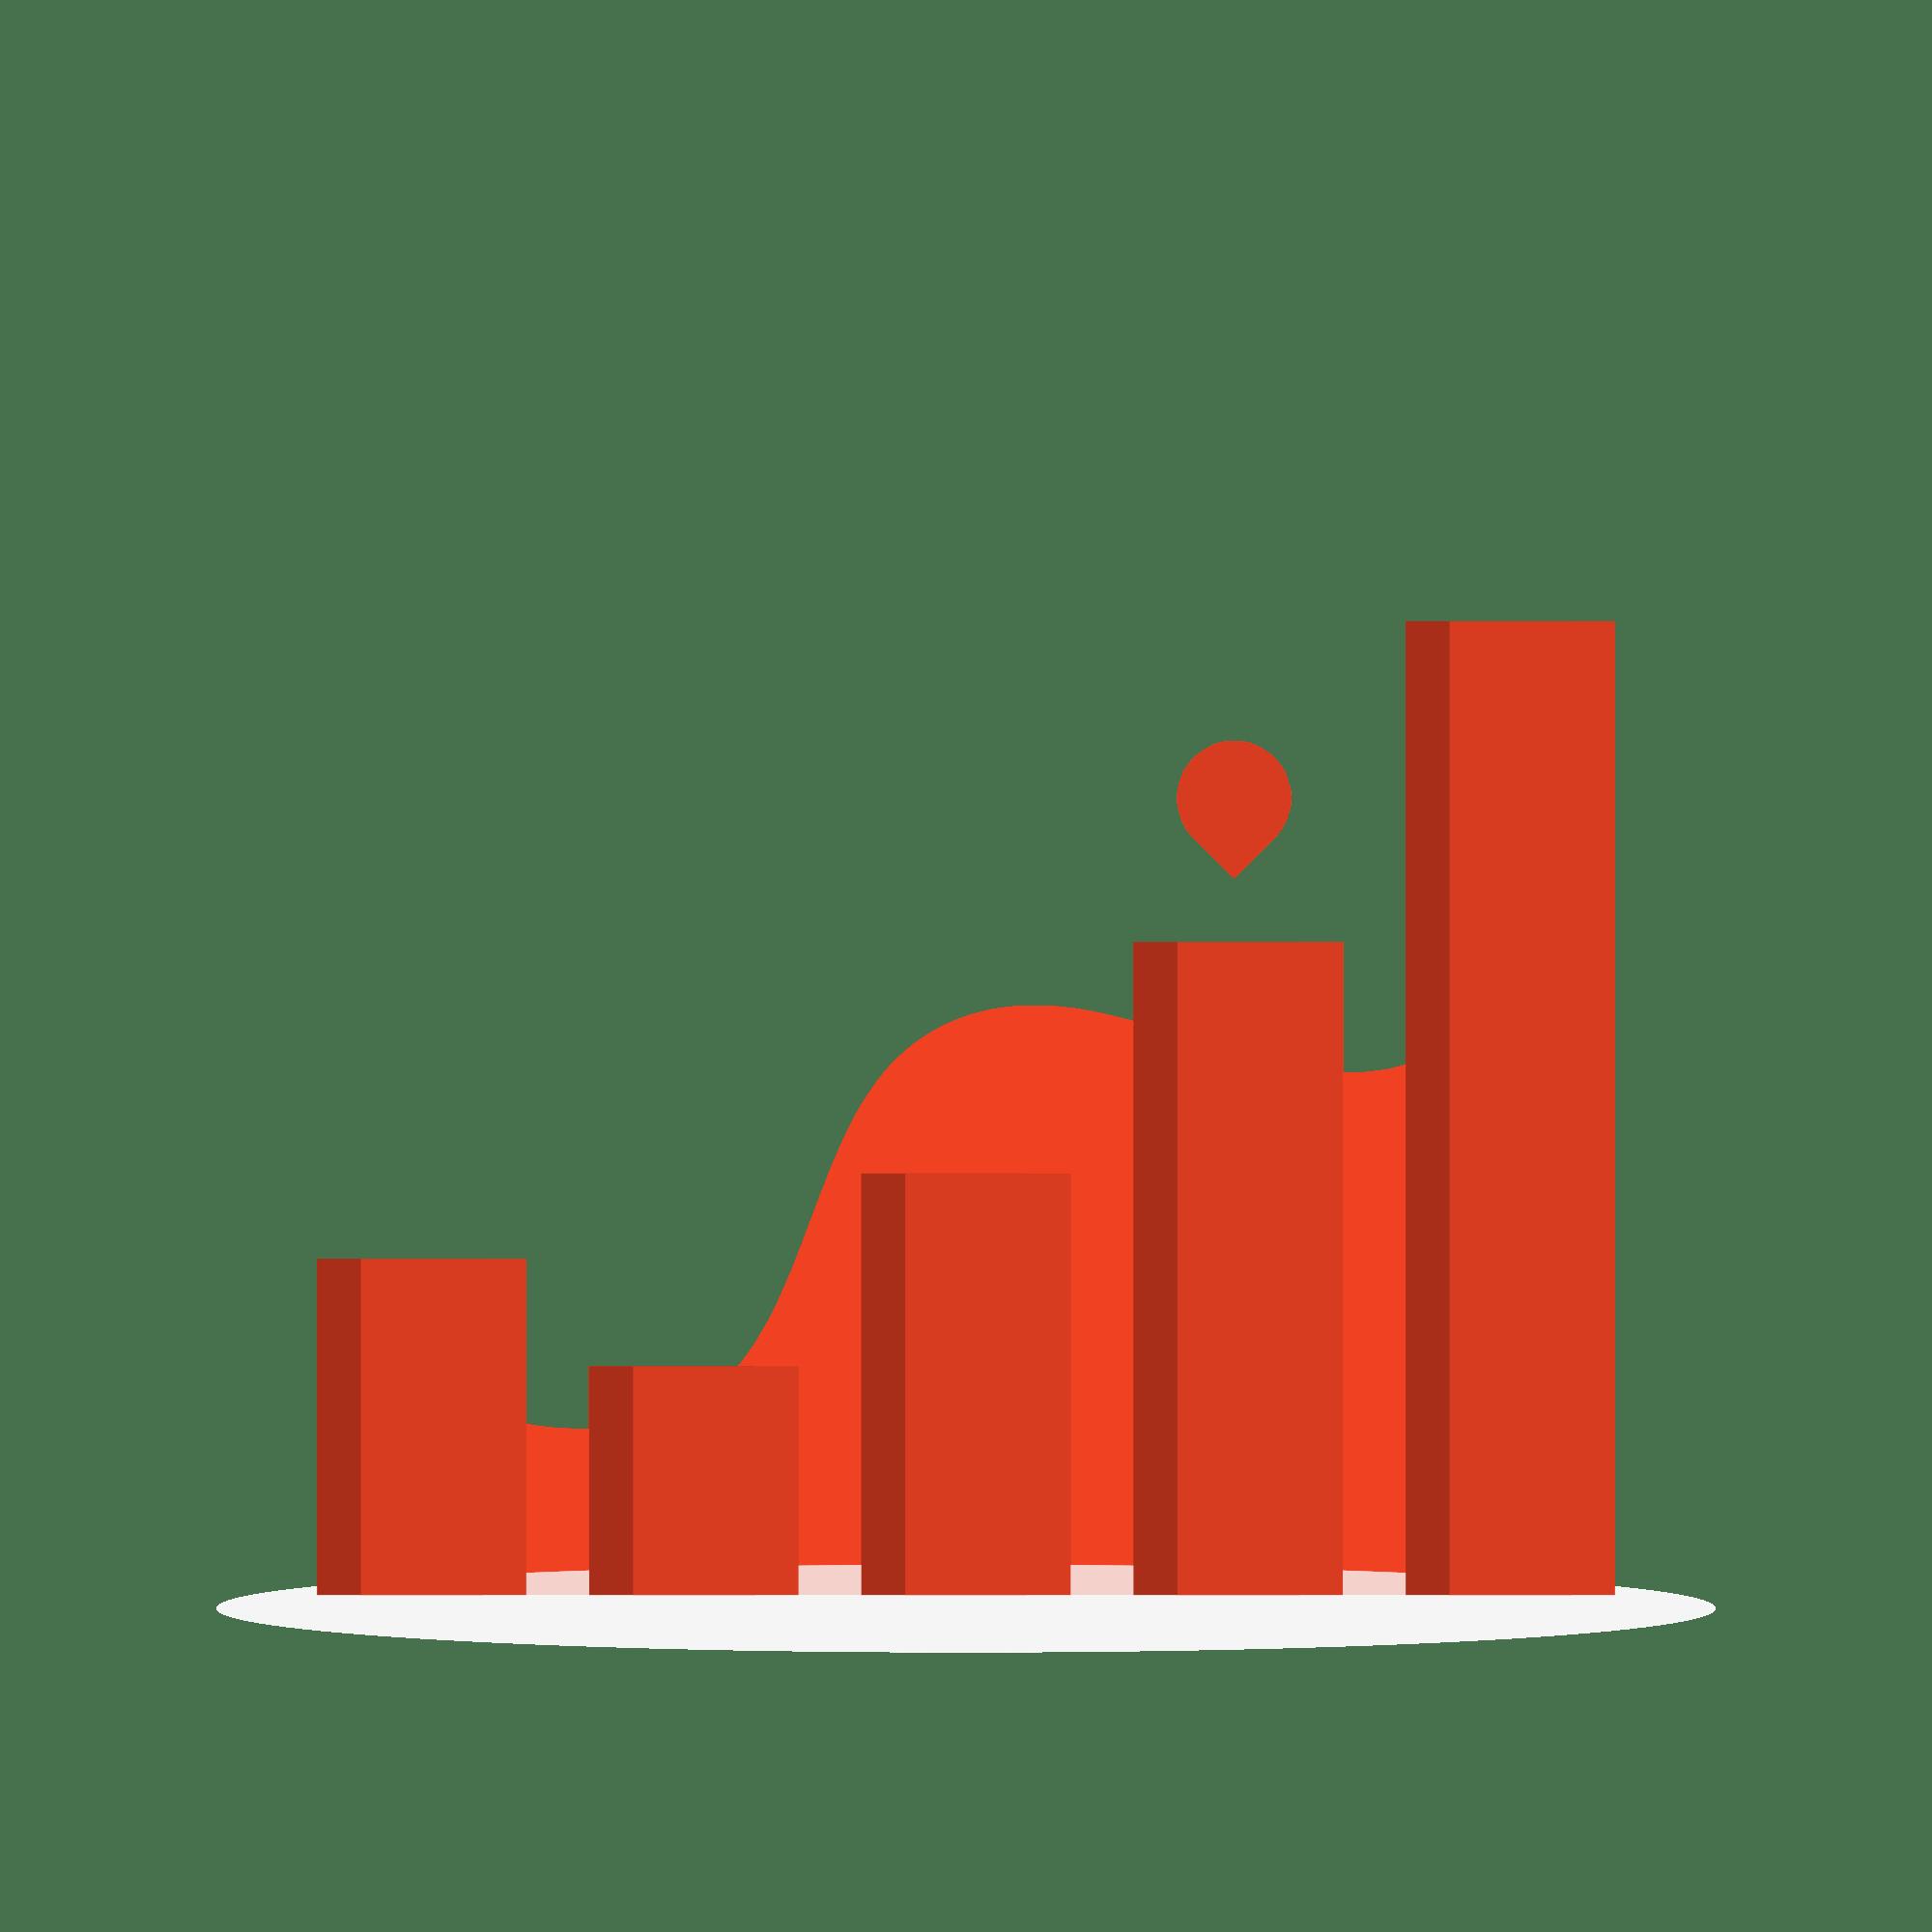 Statistics-rafiki